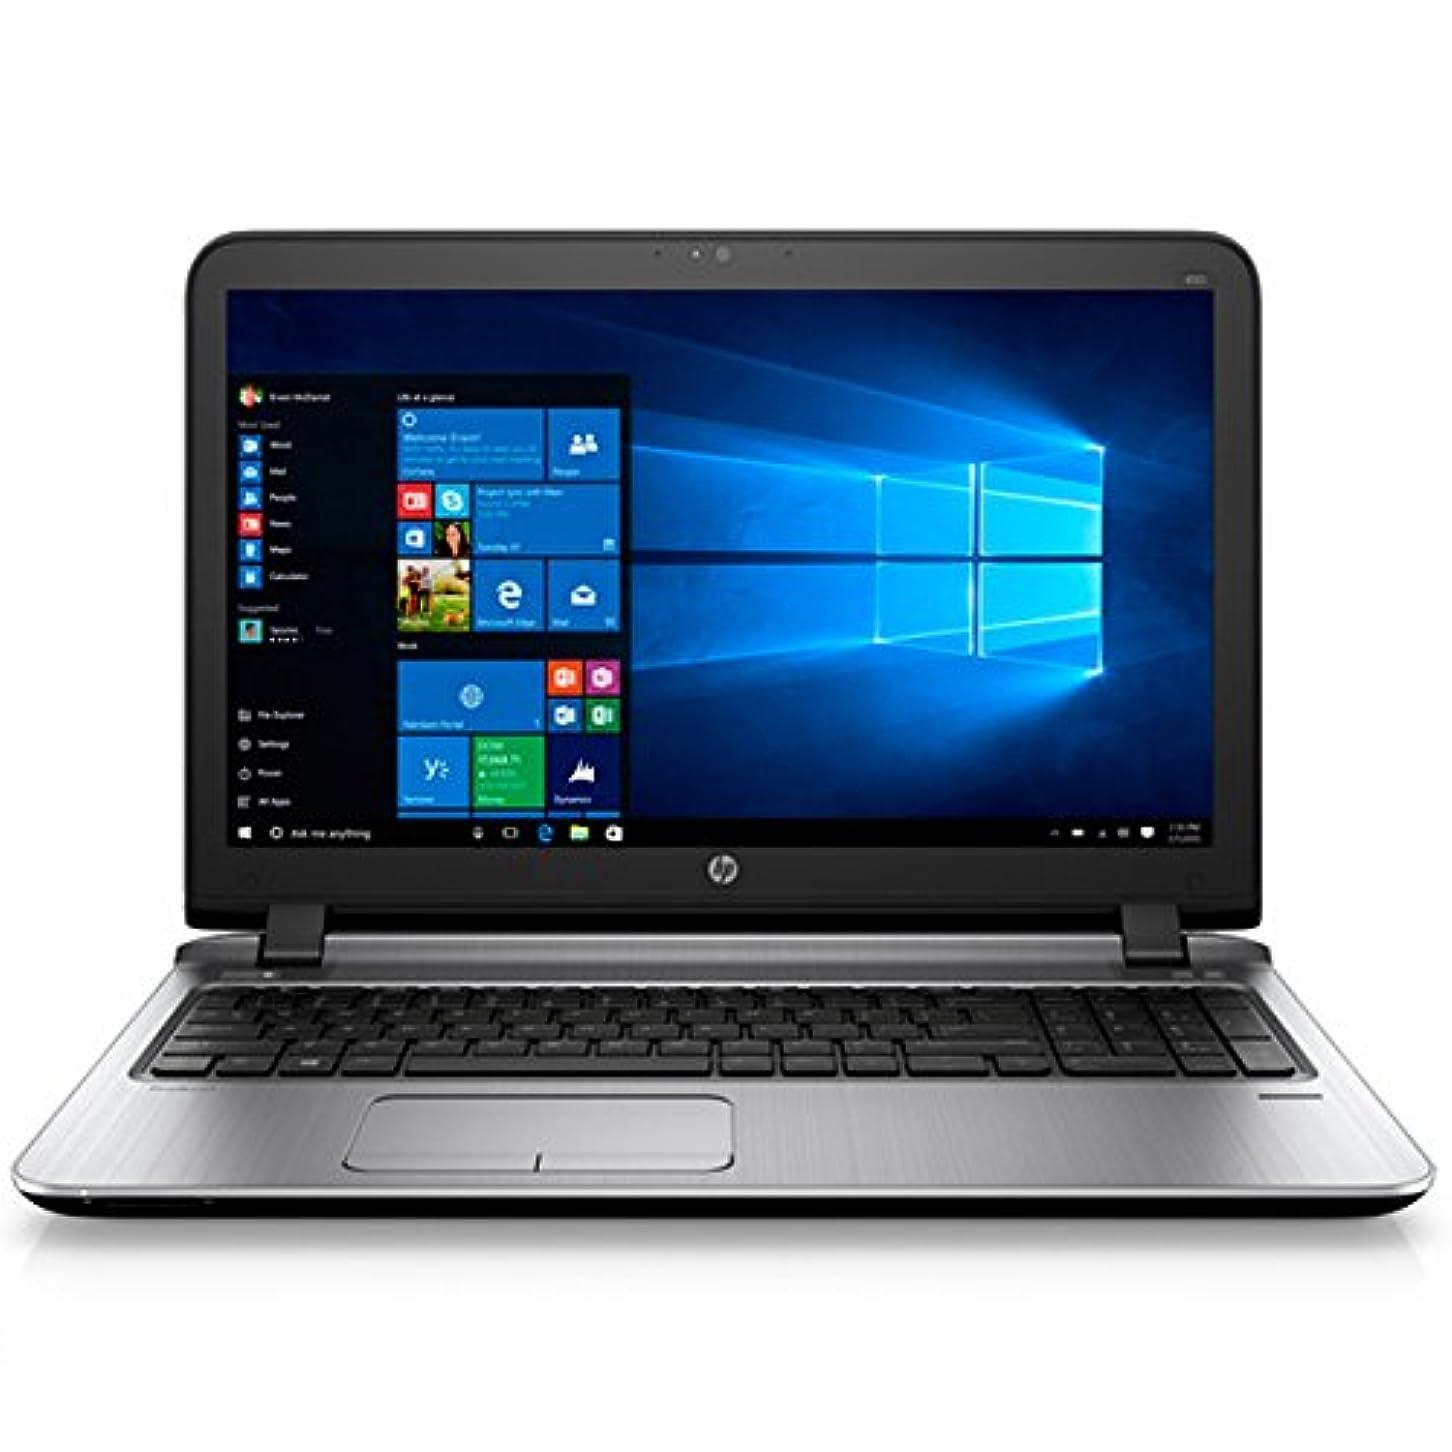 代表医師散文HP(Inc.) 2RA24PA#ABJ HP ProBook 450 G3 Notebook PC i3-6100U/15H/4.0/500m/W10P/cam